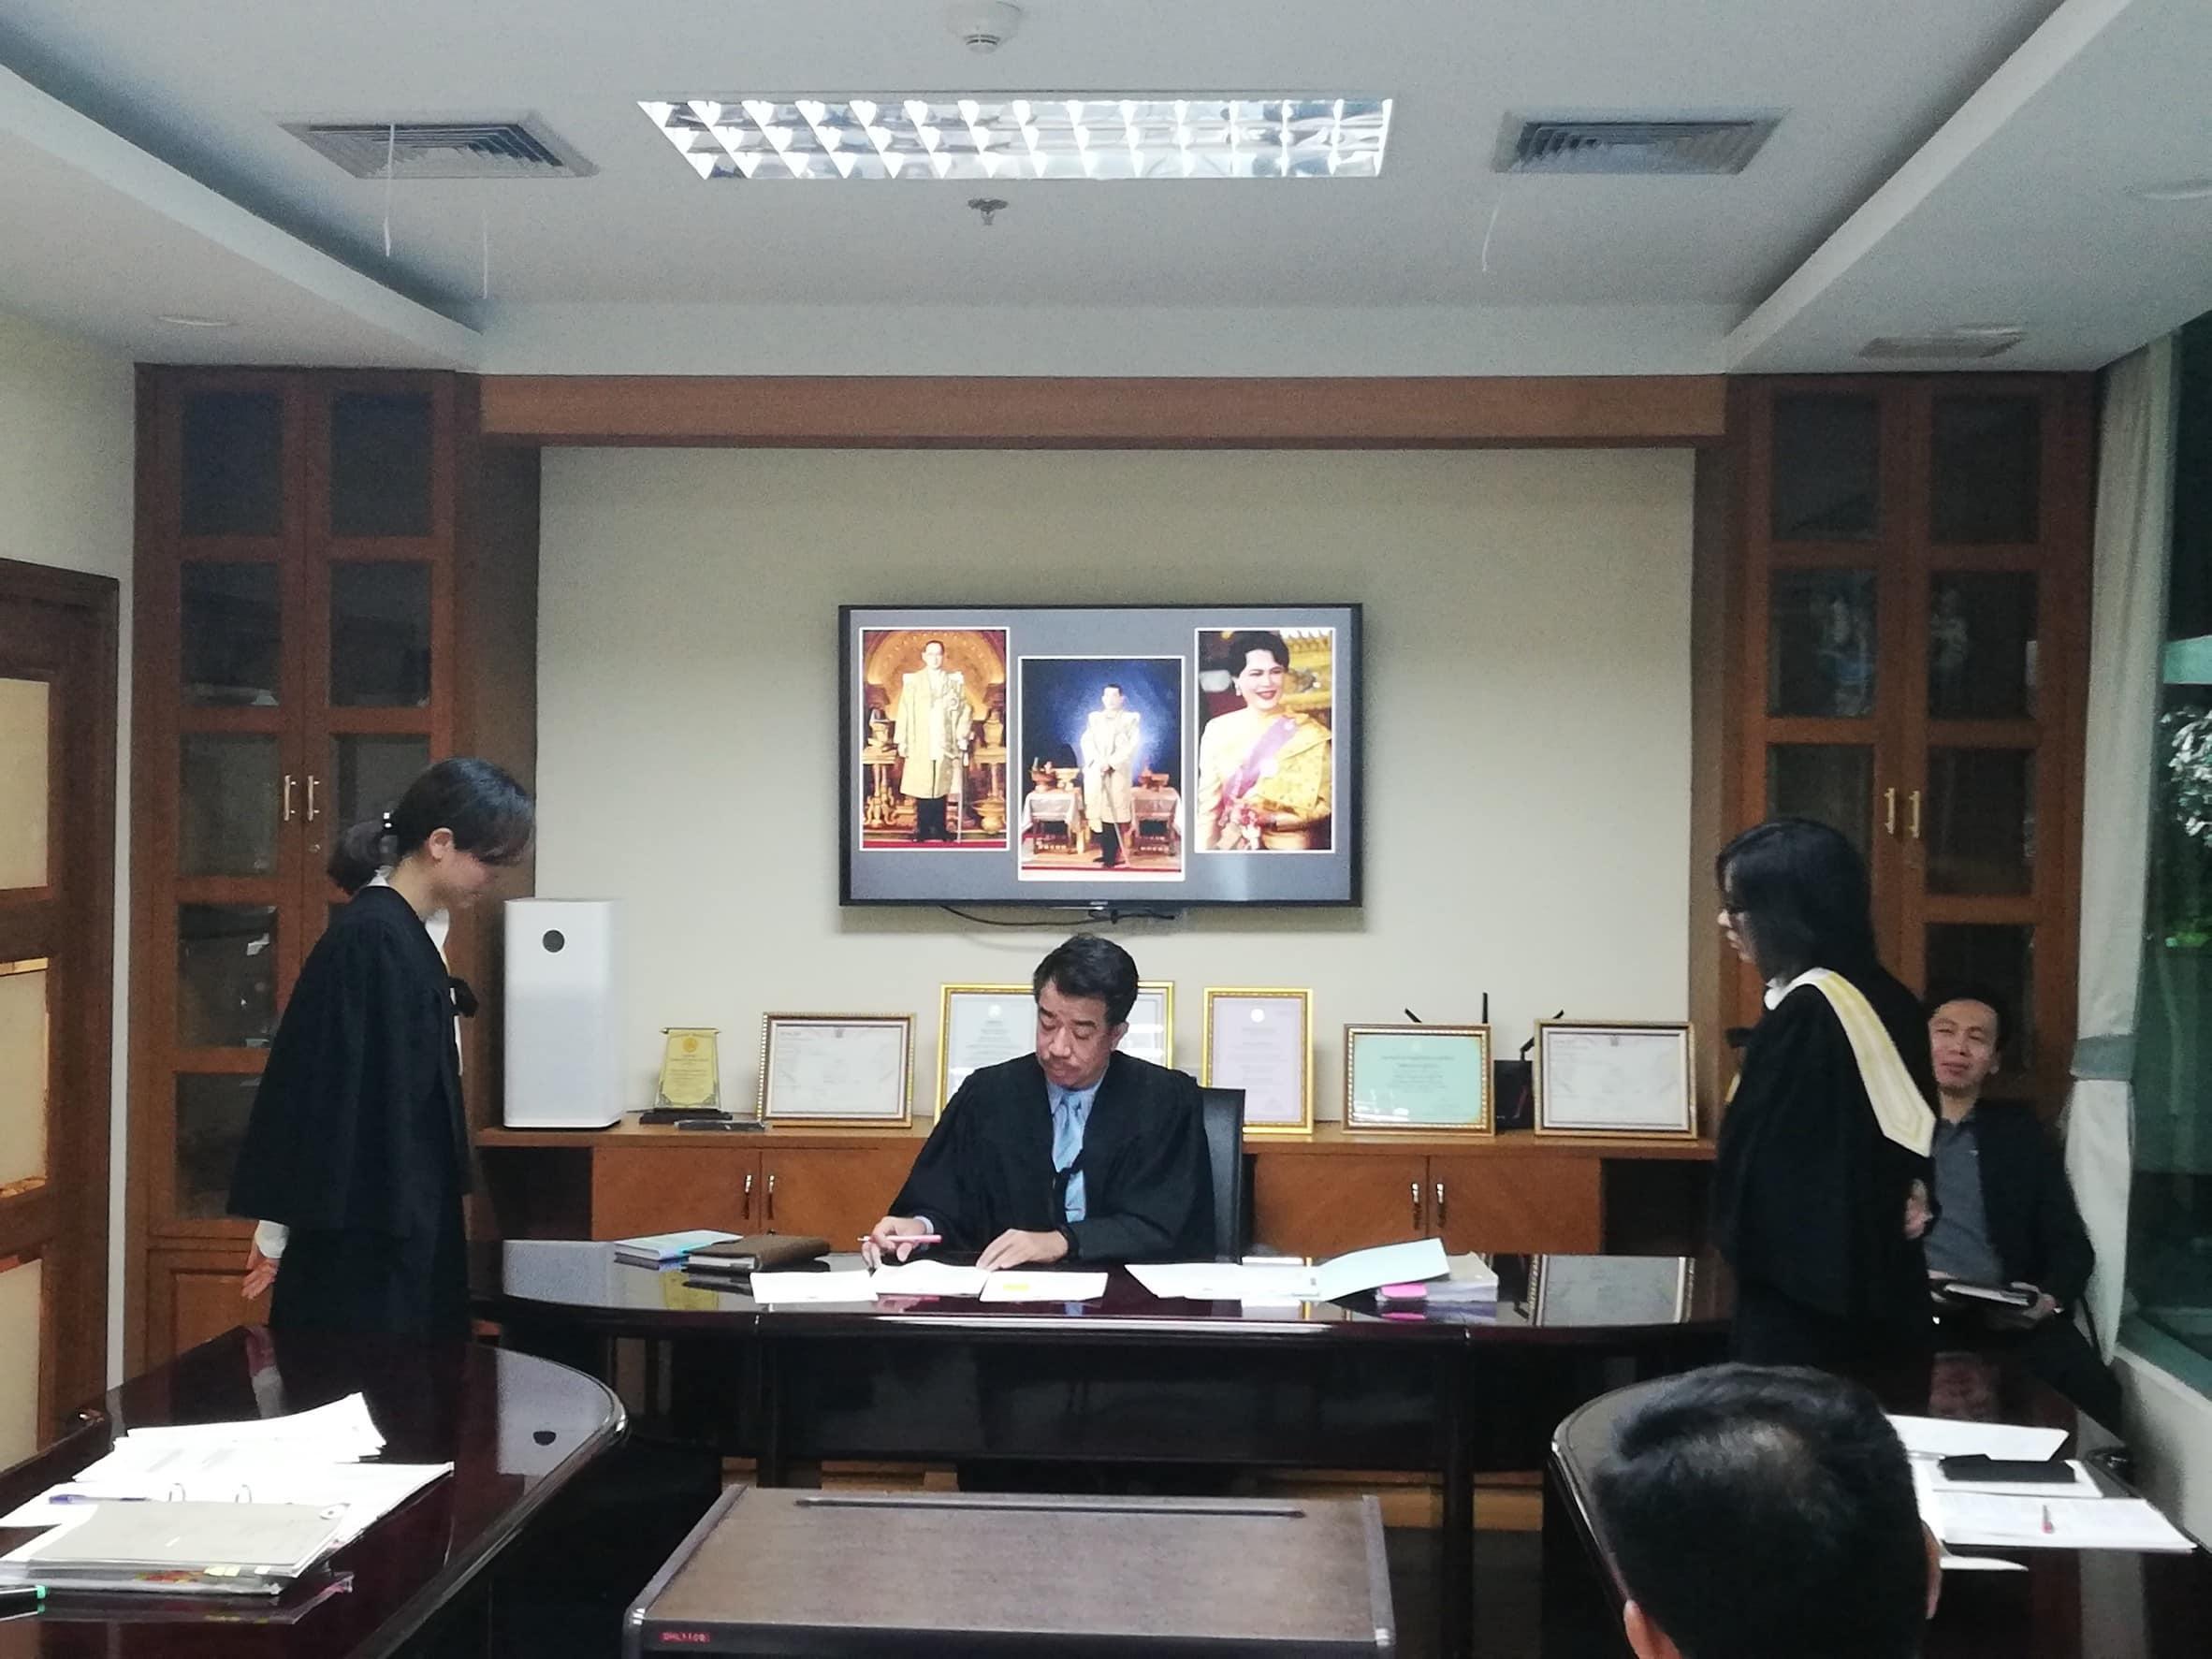 กิจกรรมศาลจำลอง ปี 2561